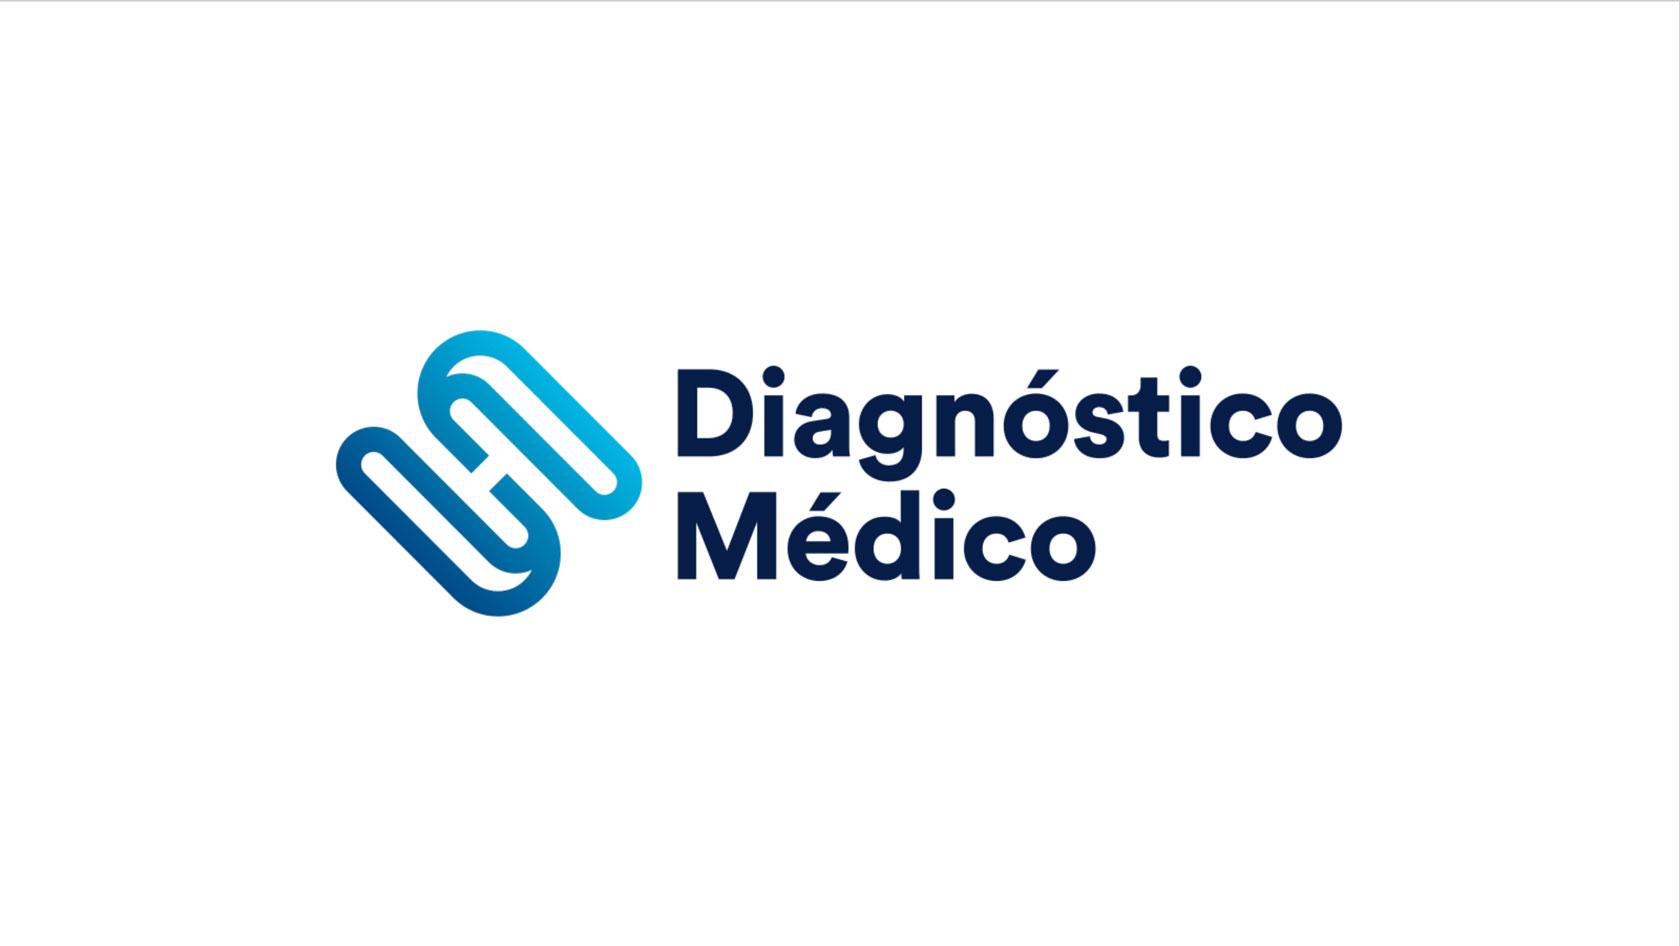 diagnostico-medico-id-017